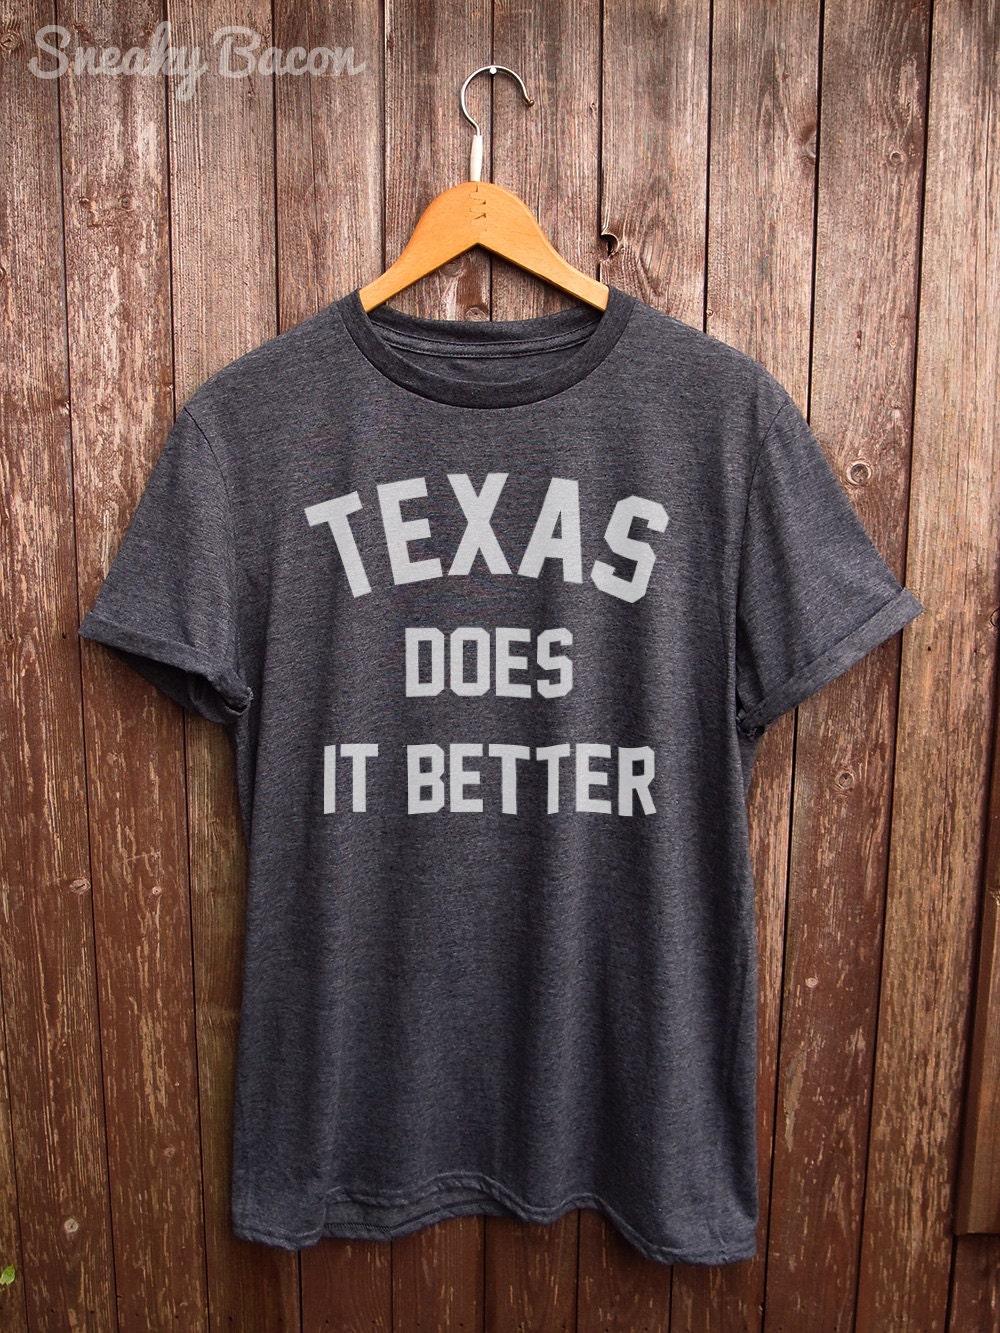 Texas tshirt texas shirt houston tshirt i love texas for T shirt printing houston